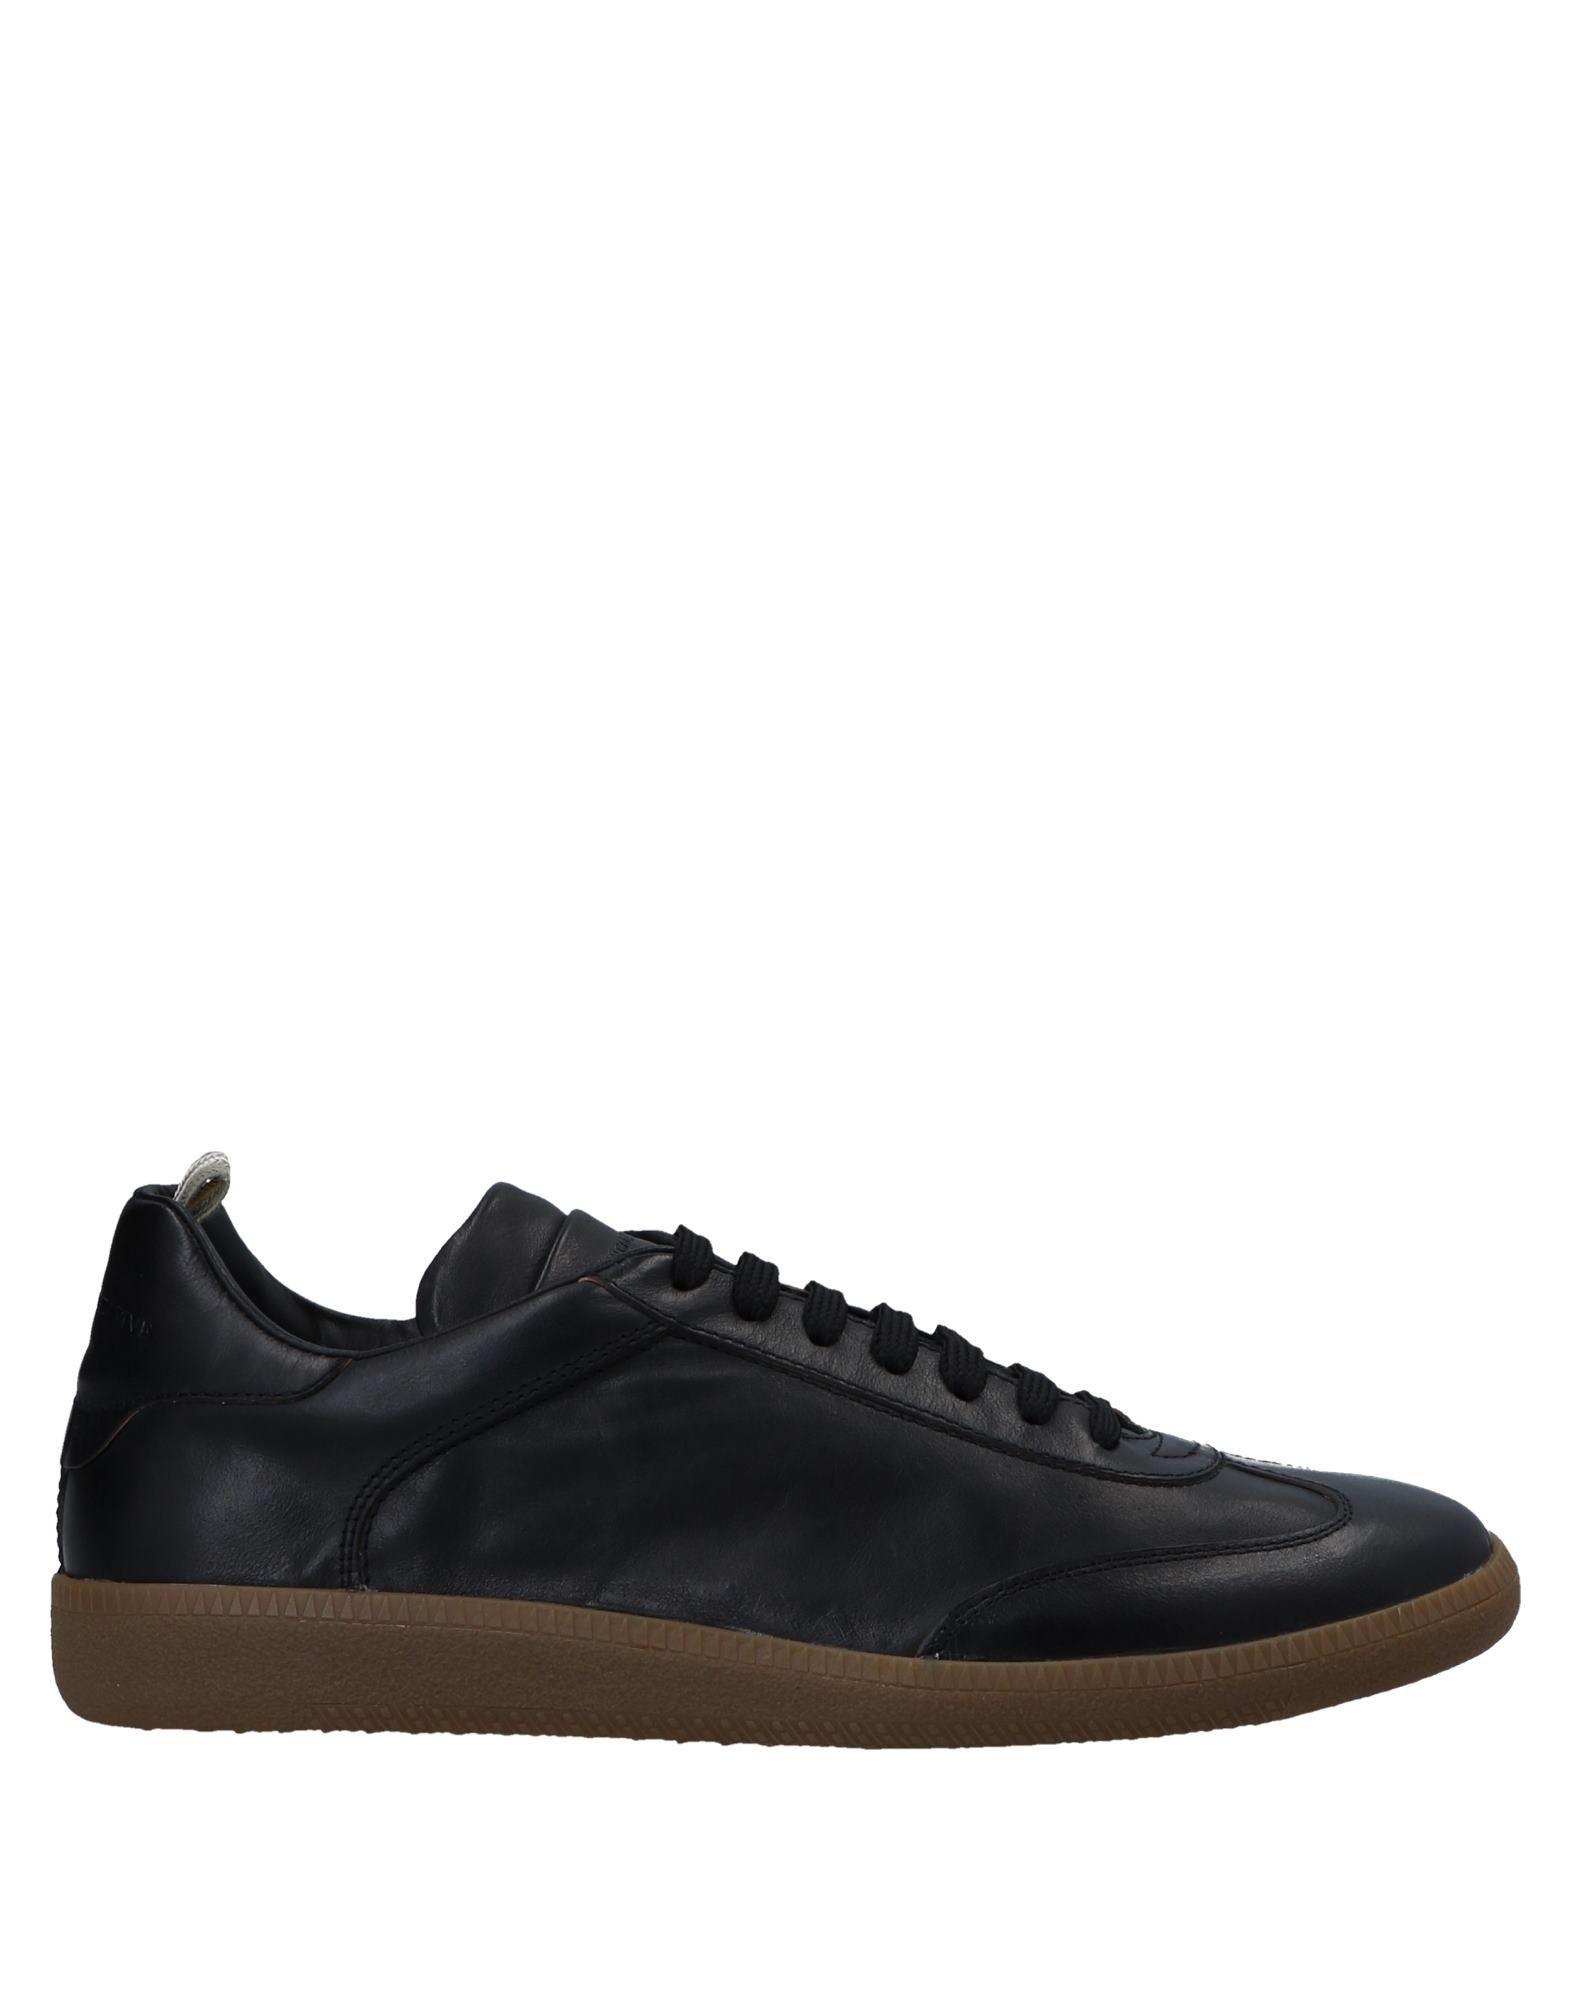 Officine Creative Italia Sneakers Herren  11551315JC Gute Qualität beliebte Schuhe